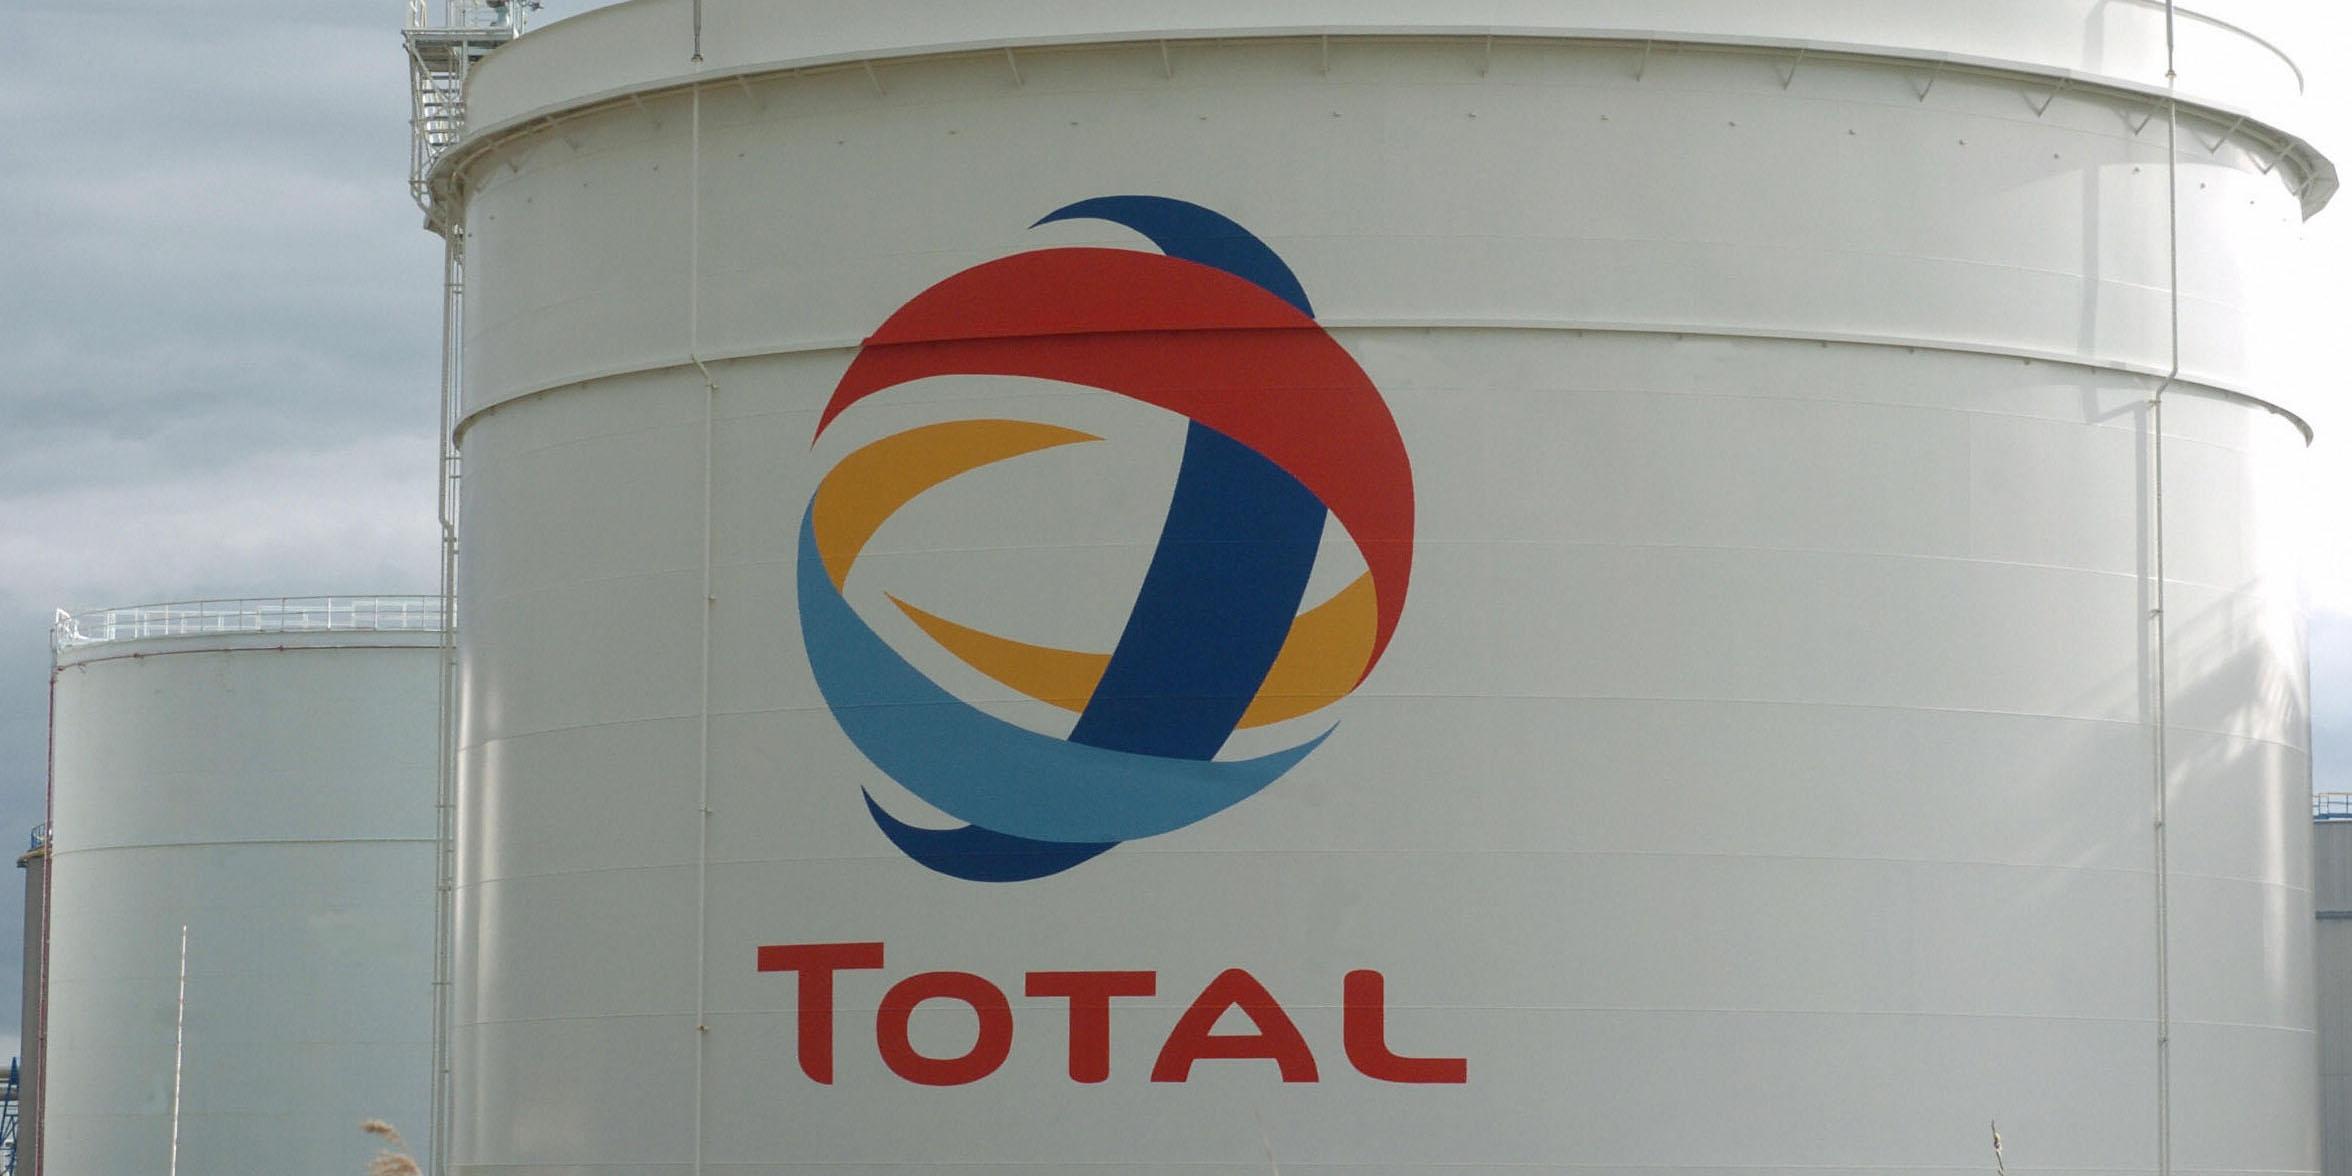 ورود توتال به مهمترین میدان نفتی ایران پس از قرارداد ایرباس و پژو/ به فرانسویها چقدر بدهکاریم؟